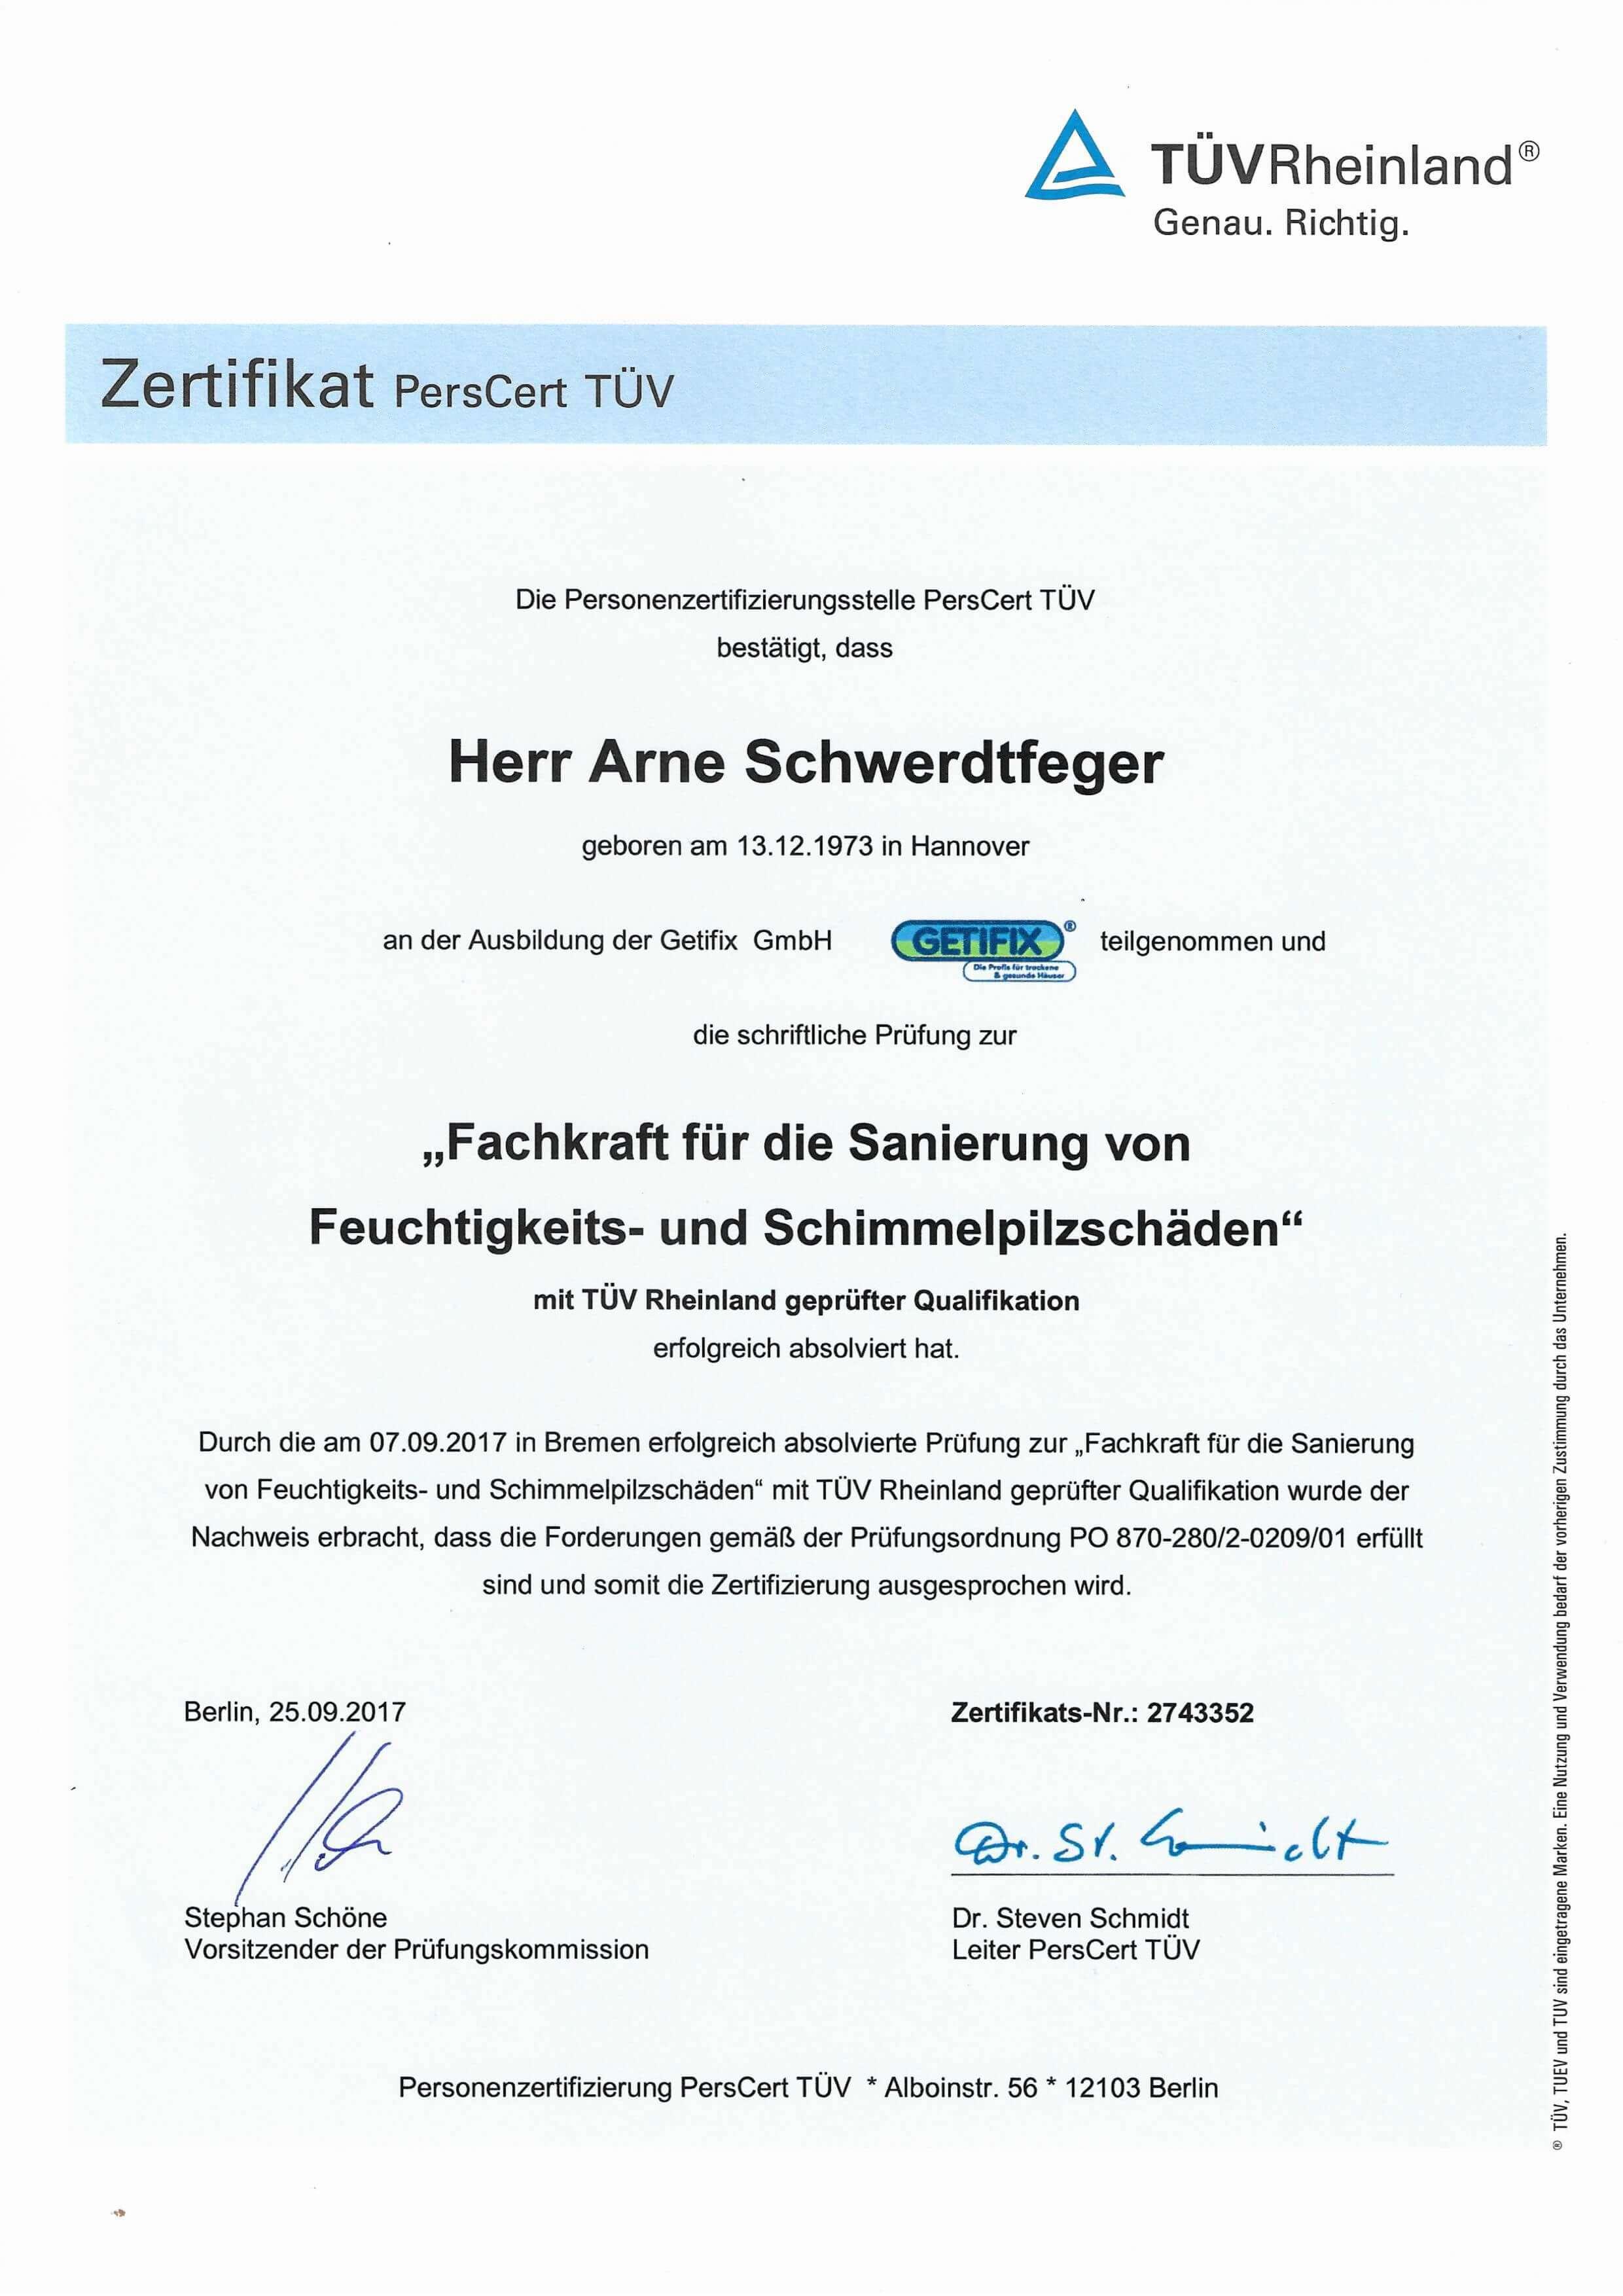 Fachkraft für Sanierung von Feuchtigkeits- und Schimmelpilzschäden Zertifikat